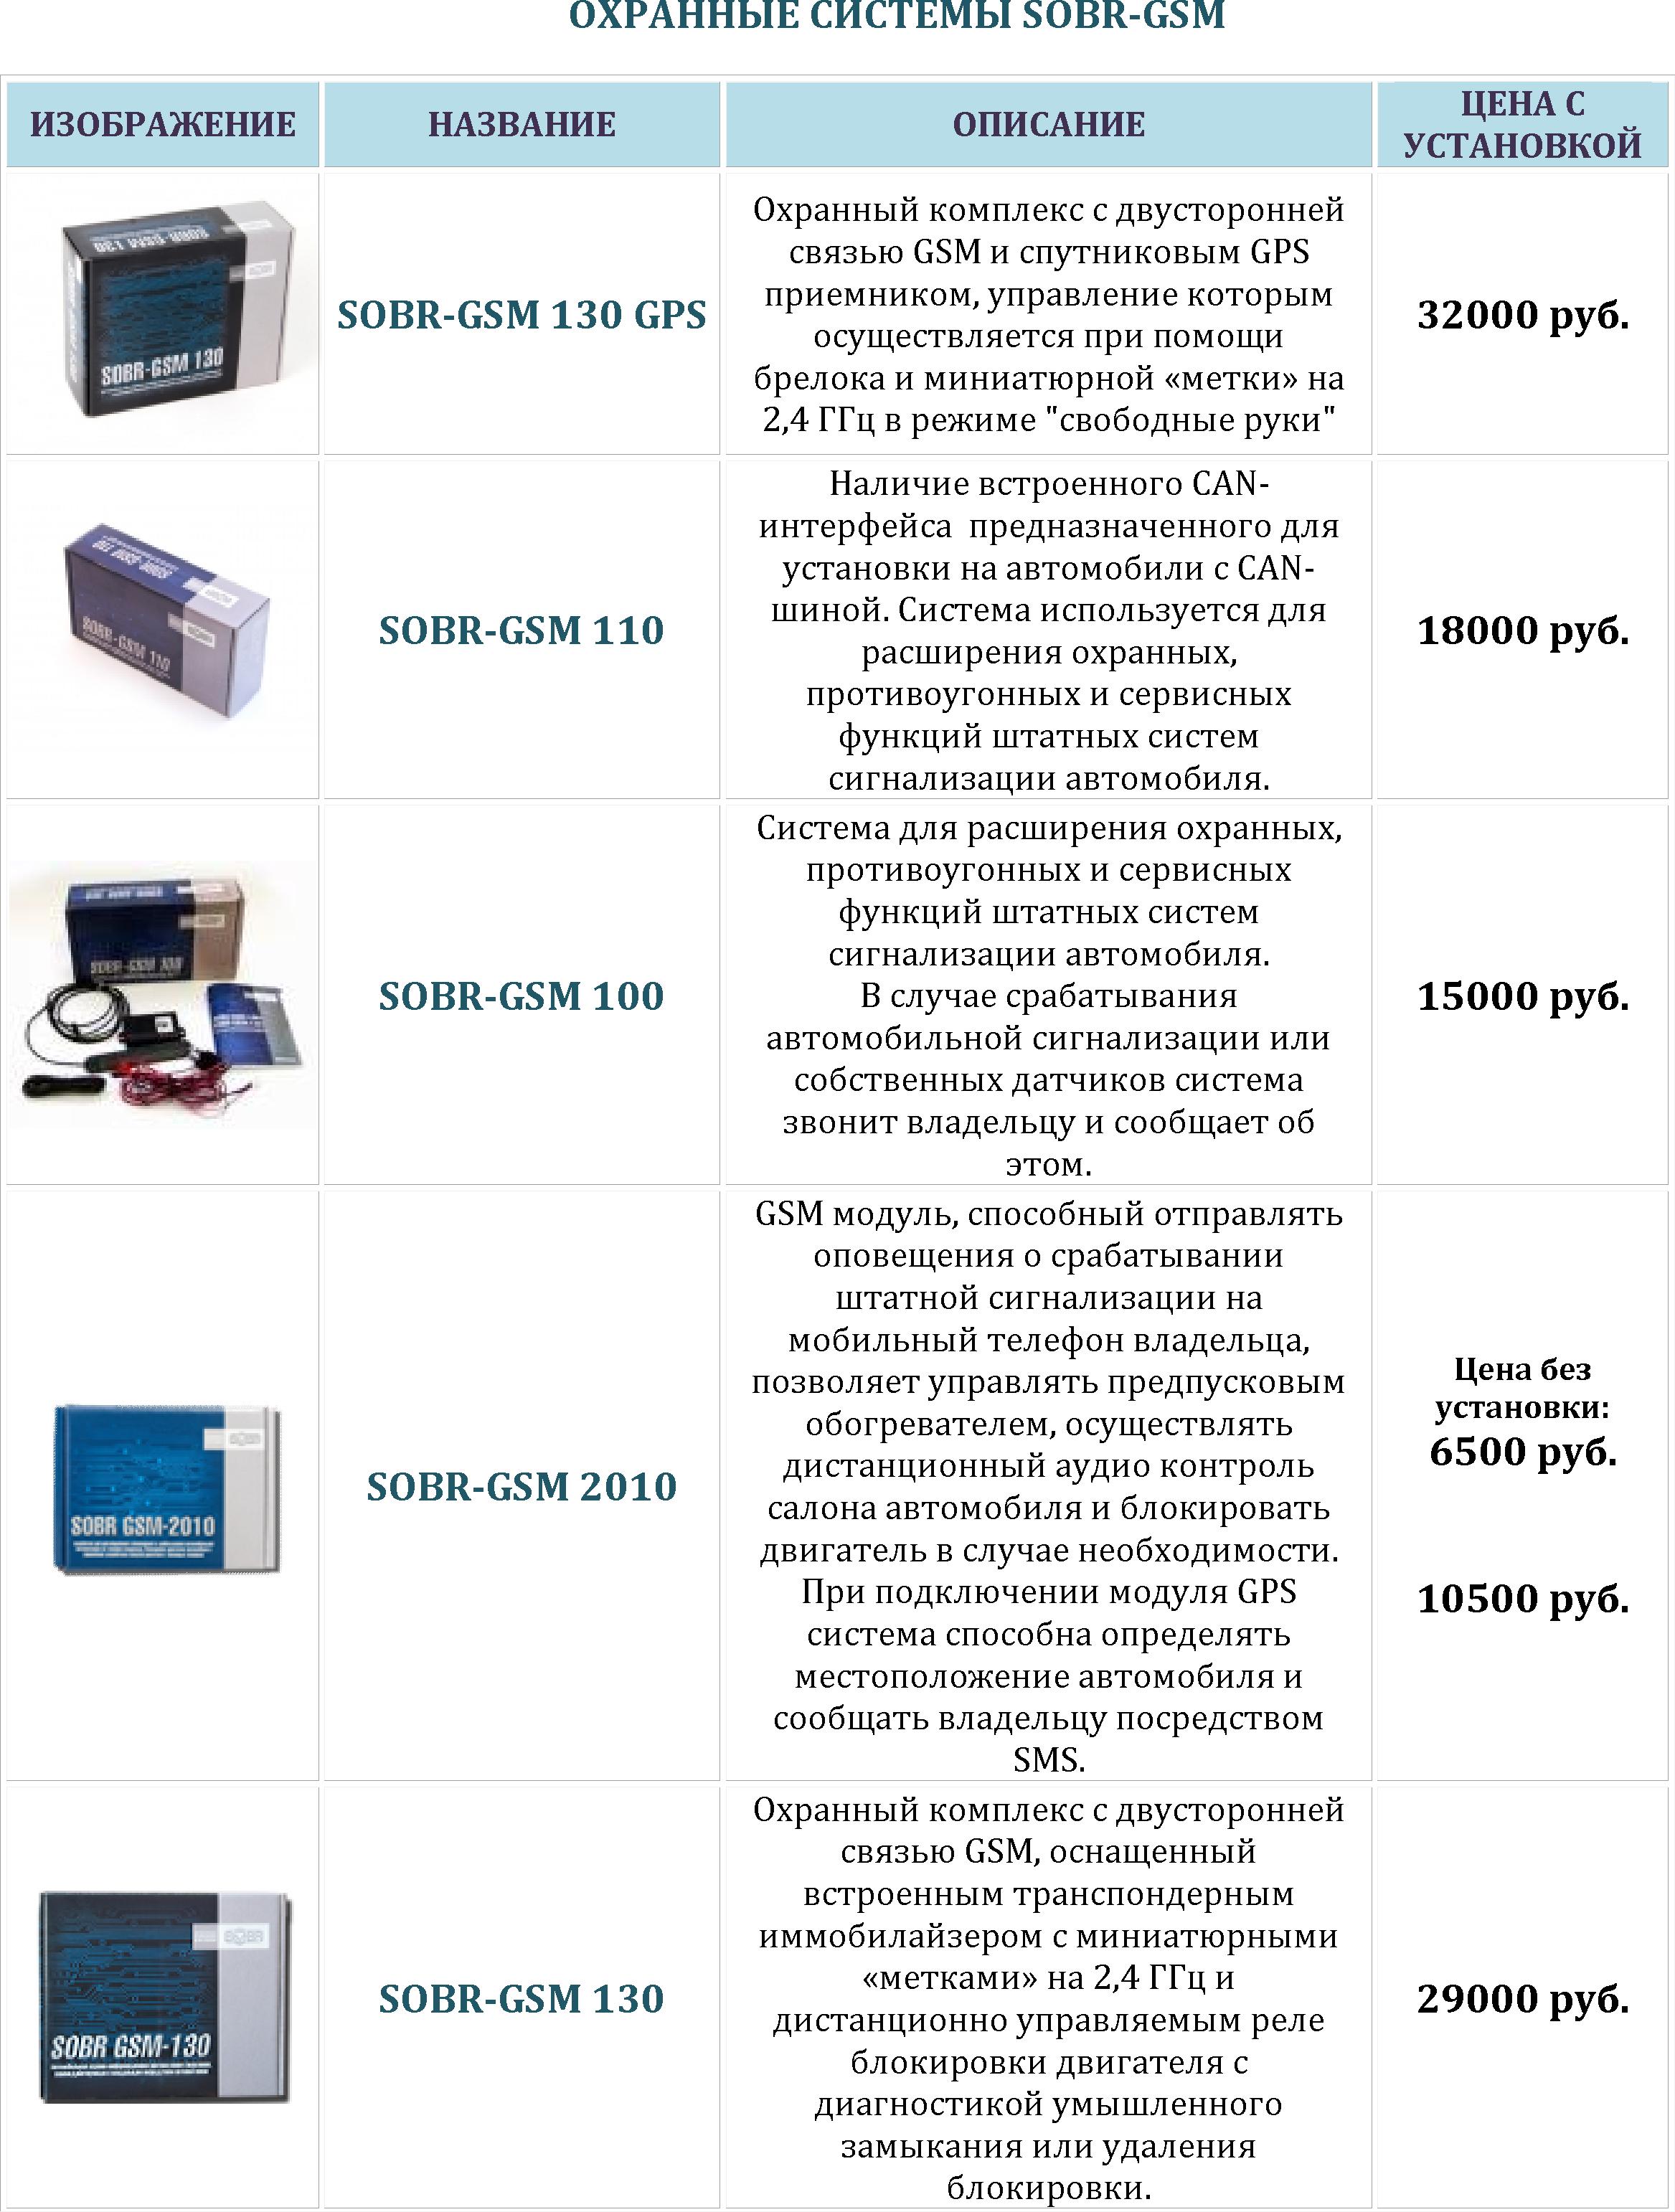 ОХРАННЫЕ СИСТЕМЫ SOBR-GSM-1.jpg - Просмотр картинки - Хостинг картинок и из